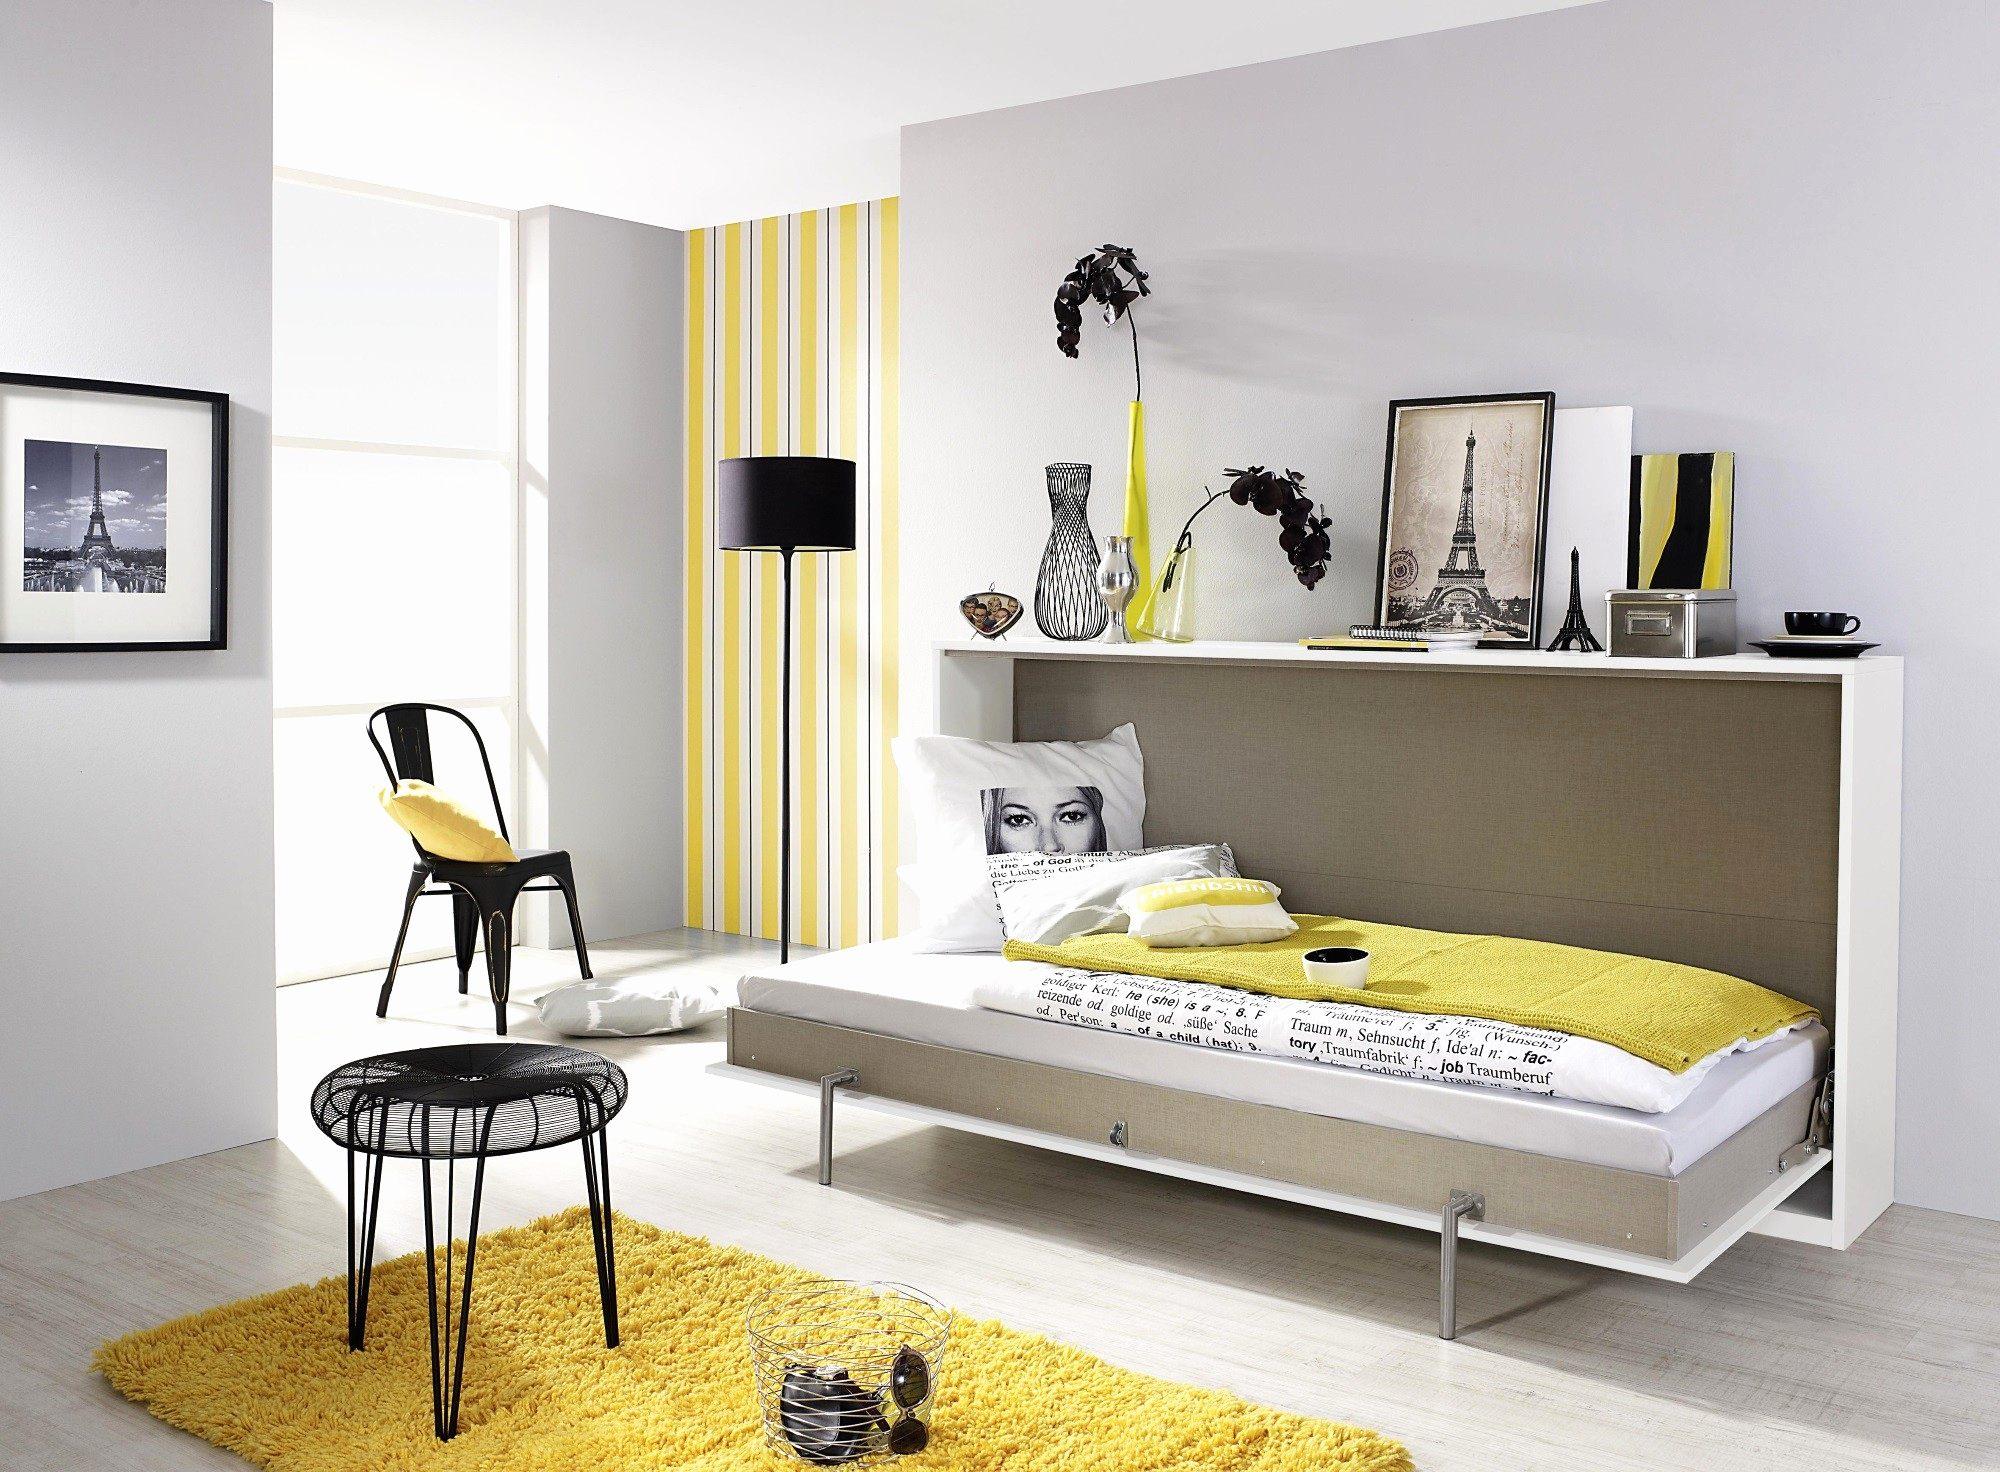 Couette Pour Lit 160×200 Bel Couette Pour Lit 160—200 Ikea Génial Lit King Size 200—200 Ikea